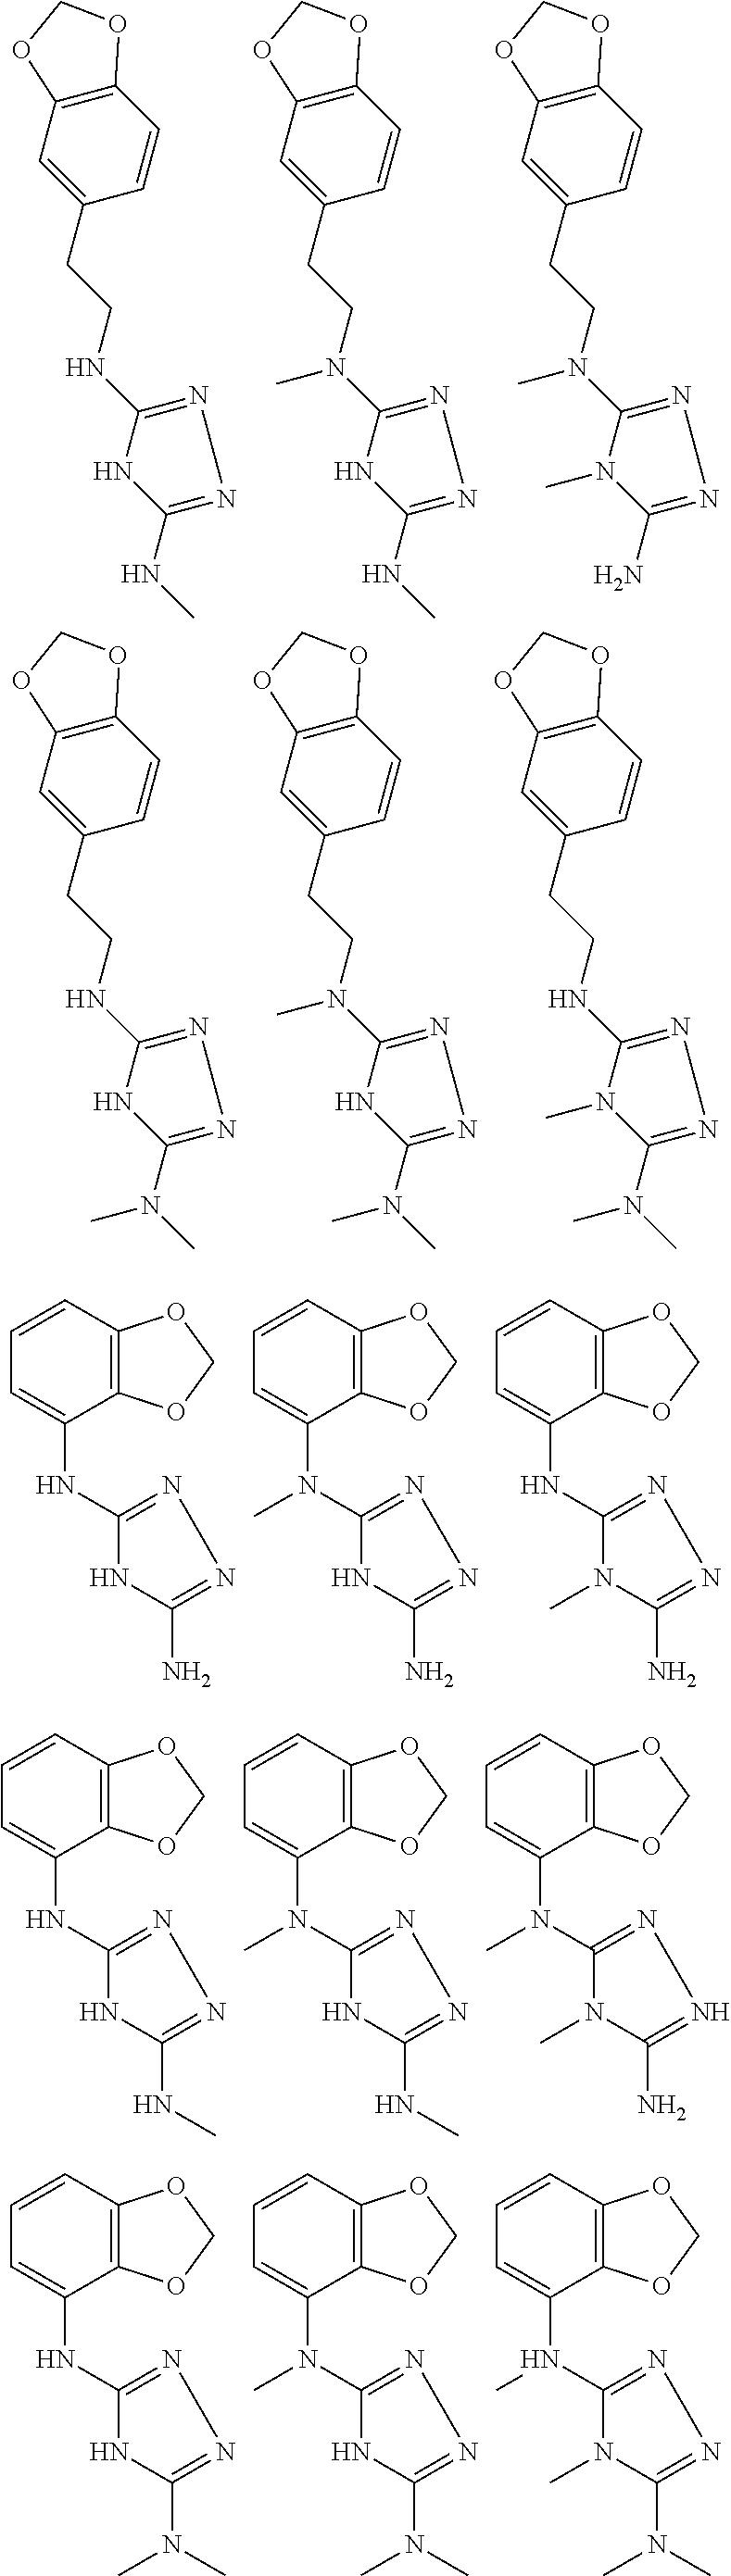 Figure US09480663-20161101-C00063